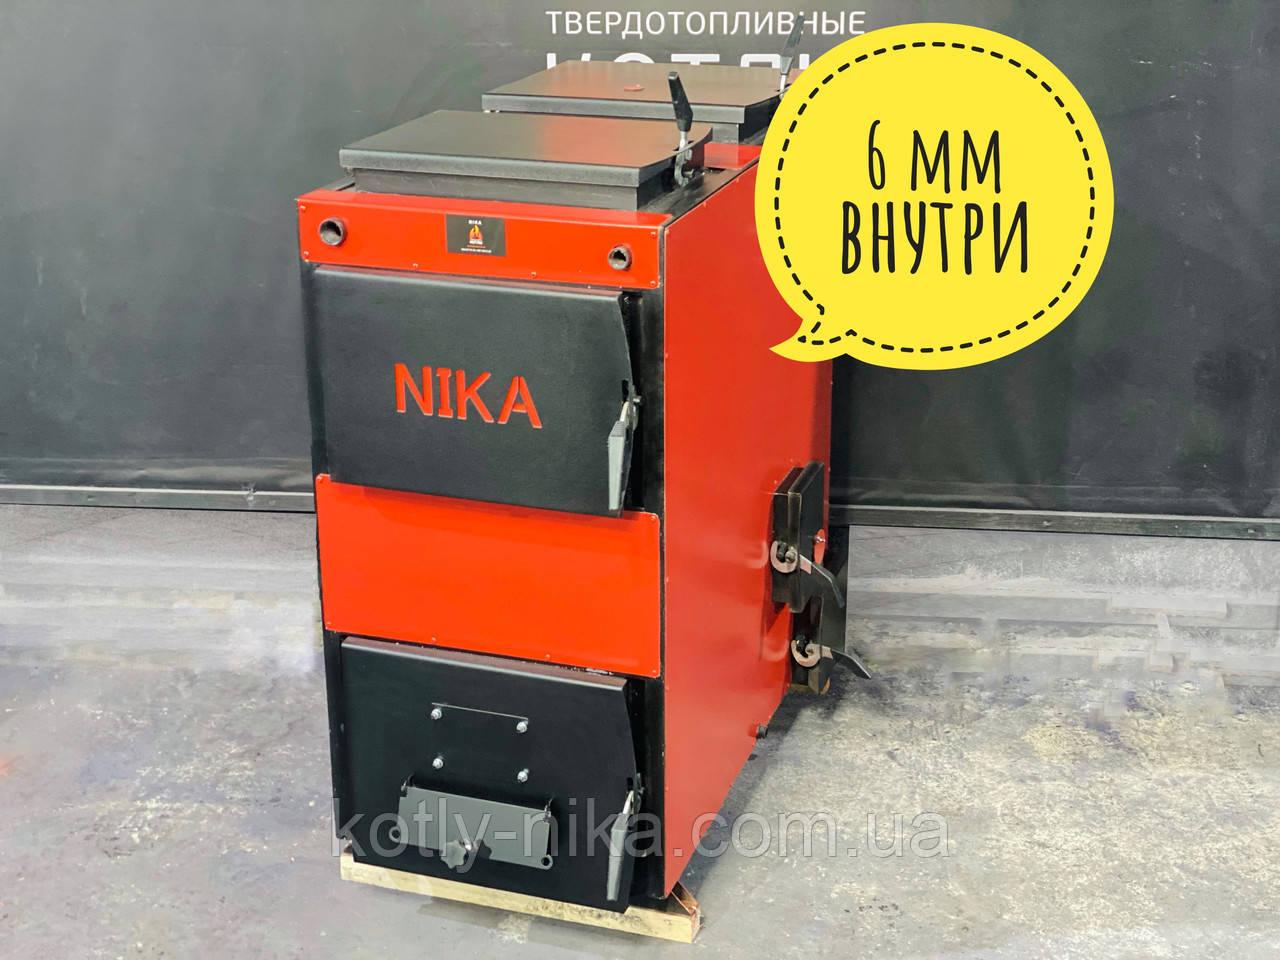 Котел Питон Универсальный 8 кВт МЕТАЛЛ 6 мм